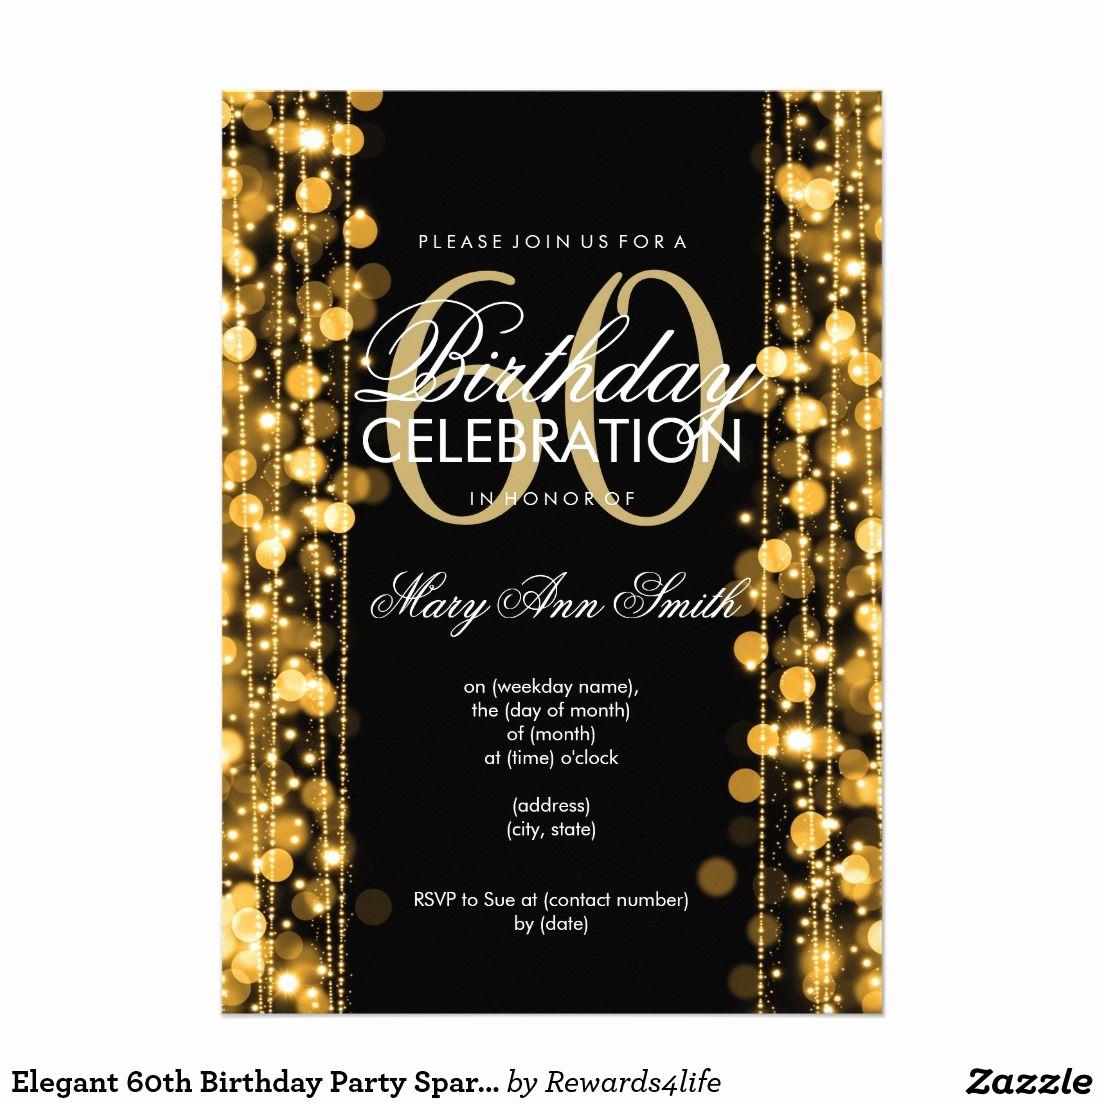 60th Birthday Invitation Ideas Elegant Elegant 60th Birthday Party Sparkles Gold Invitation